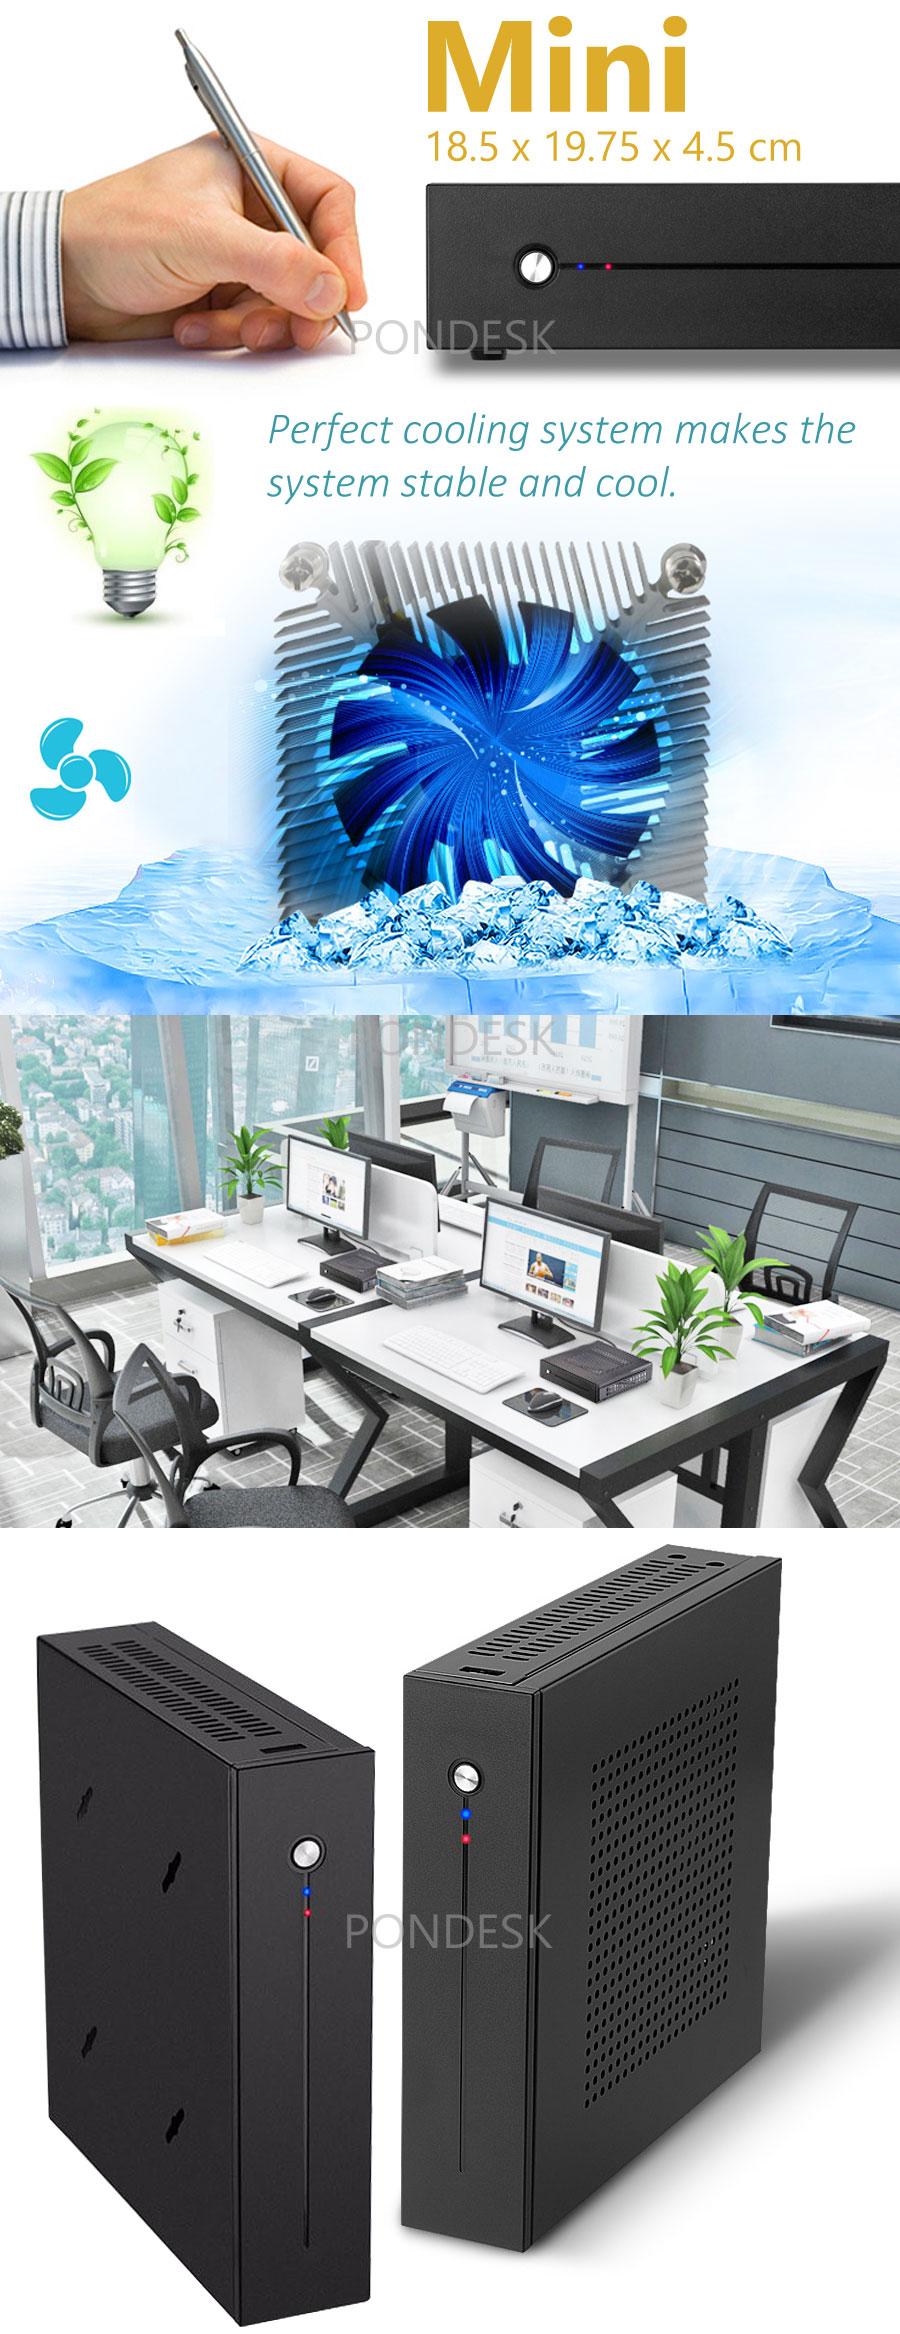 7th Gen. Intel® i5-7500T Kaby Lake 3.30GHz 2 LAN HD Mini PC - MNHO-058   Image